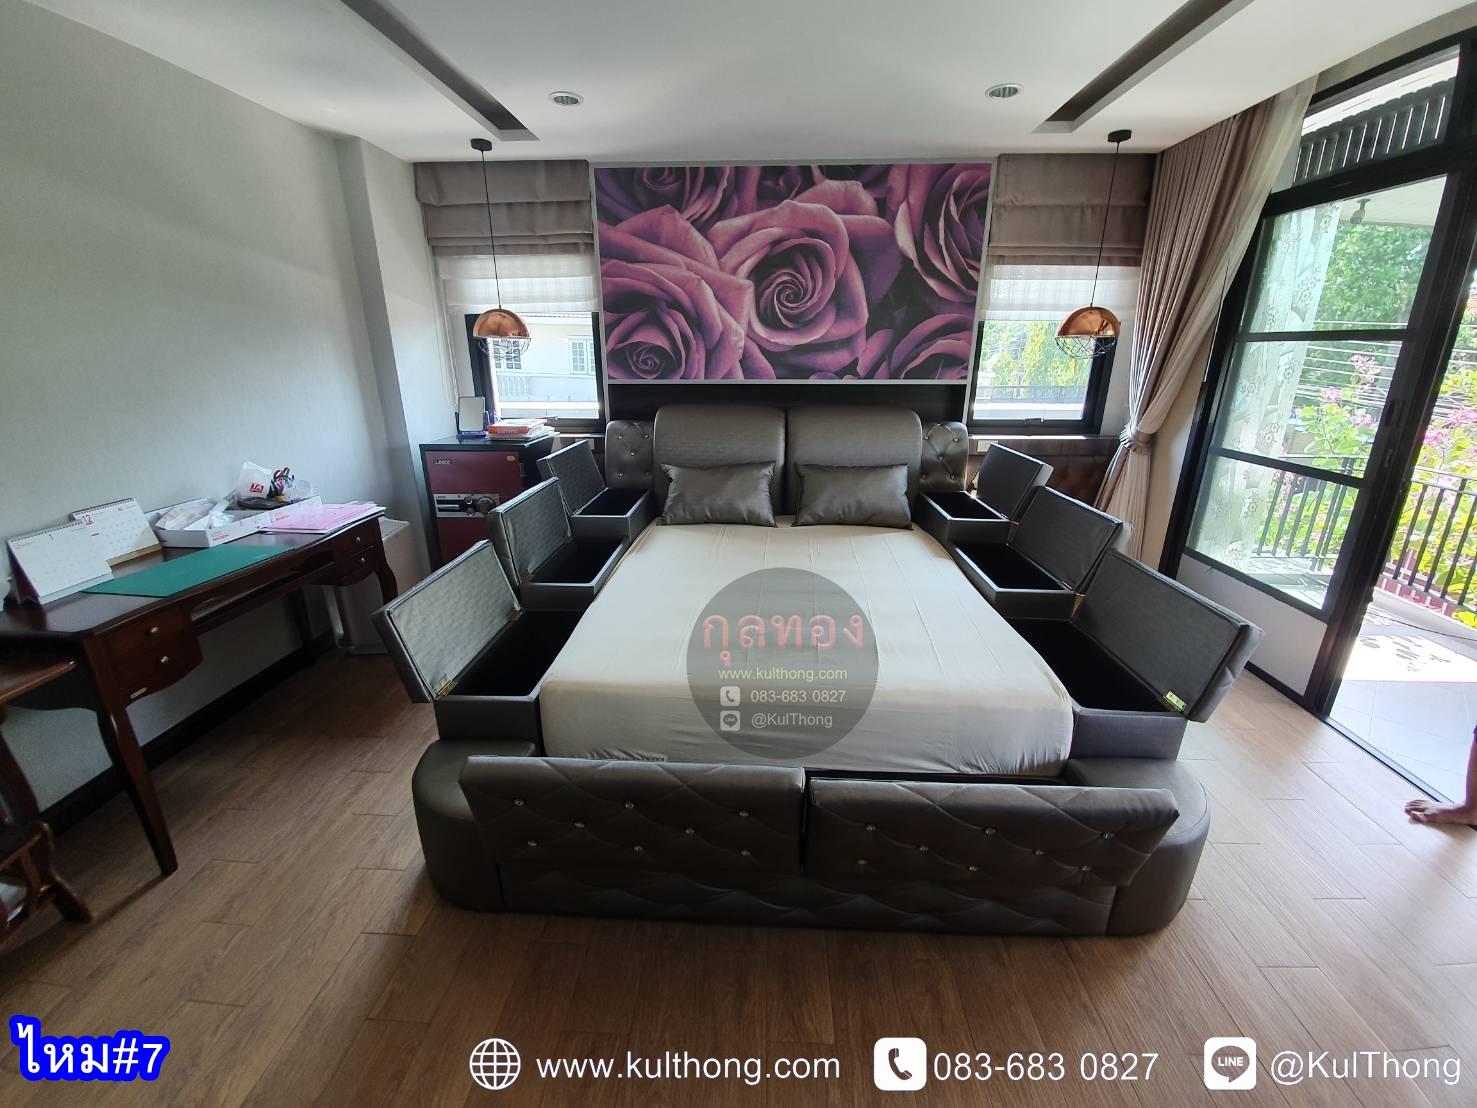 เตียงเก็บของ เตียงมีกล่องเก็บของ เตียงมีช่องเก็บของ เตียงญี่ปุ่น